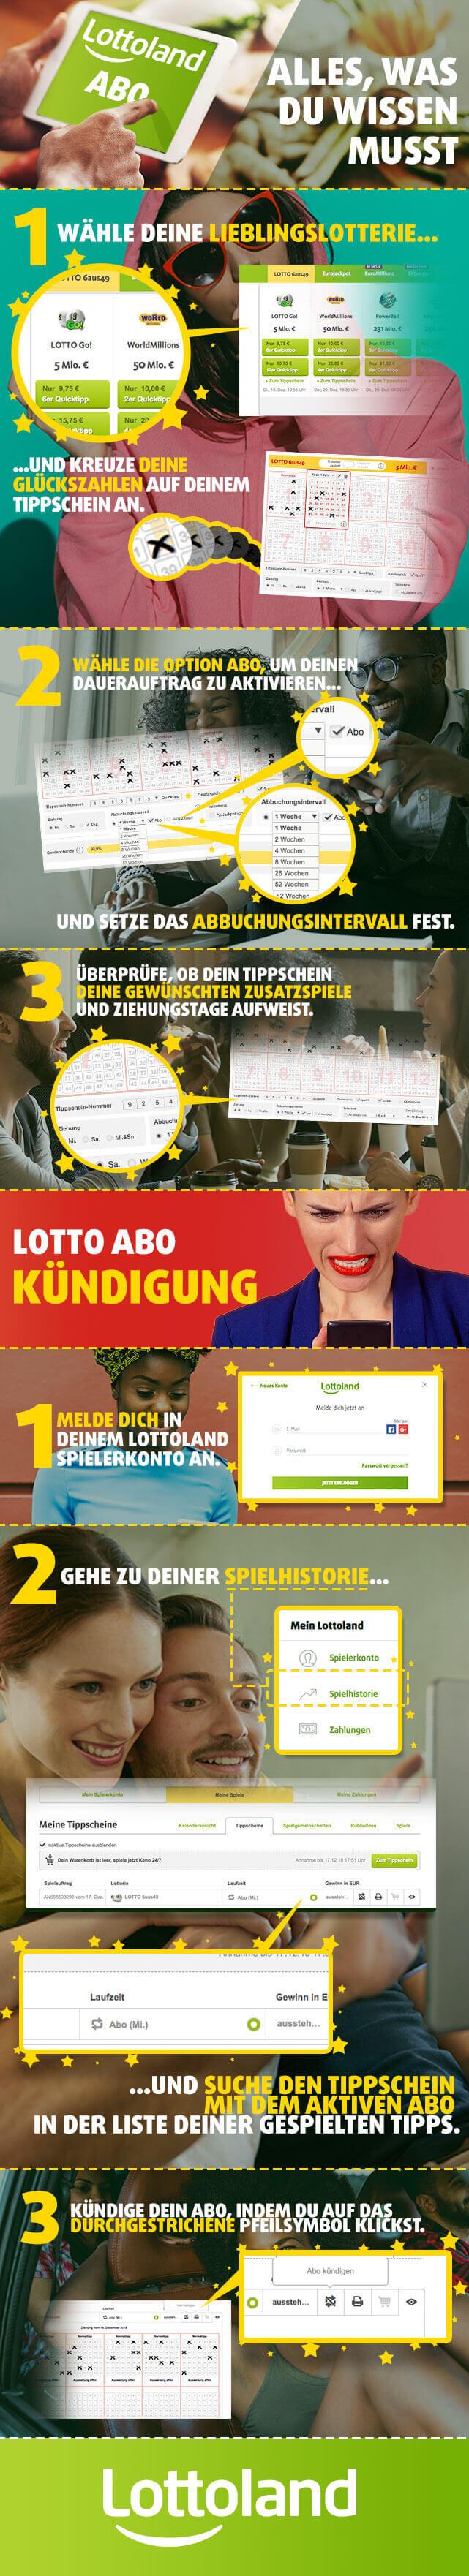 Infografik zum Lottoland Abo - Alles, was du wissen musst